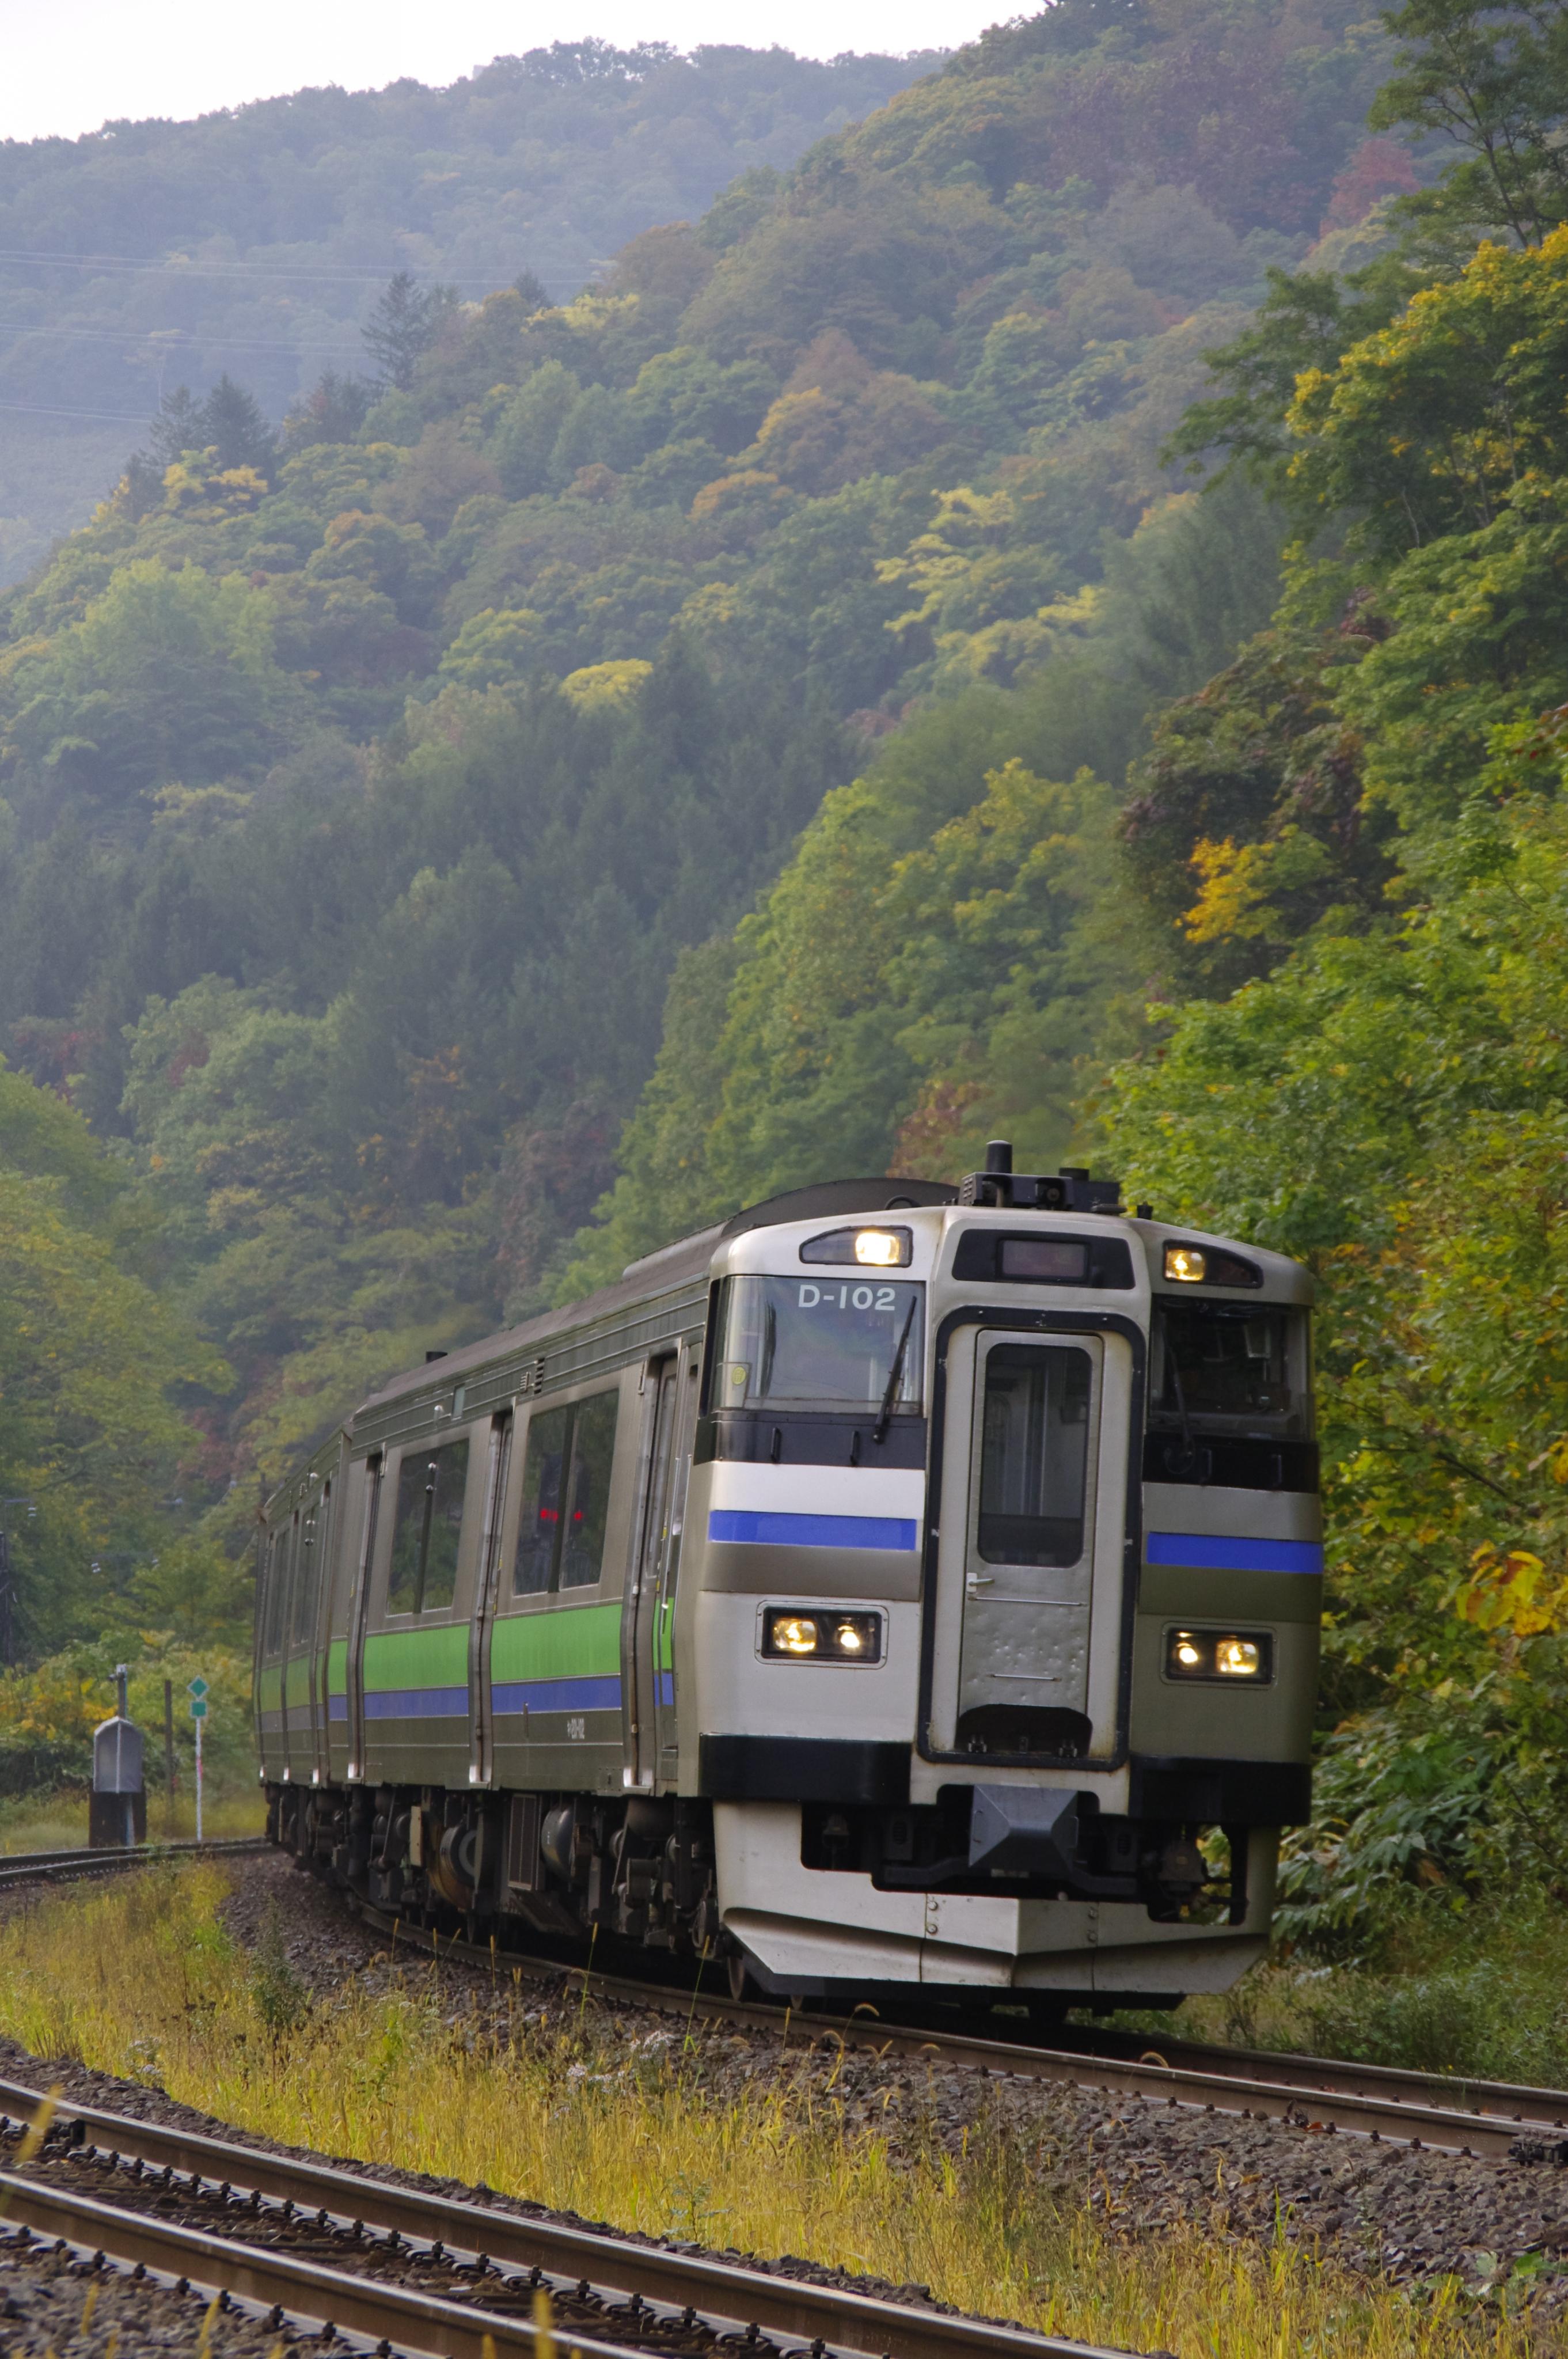 キハ201 3925D 快速ニセコライナー 銀山駅入線アップ_191003.jpg